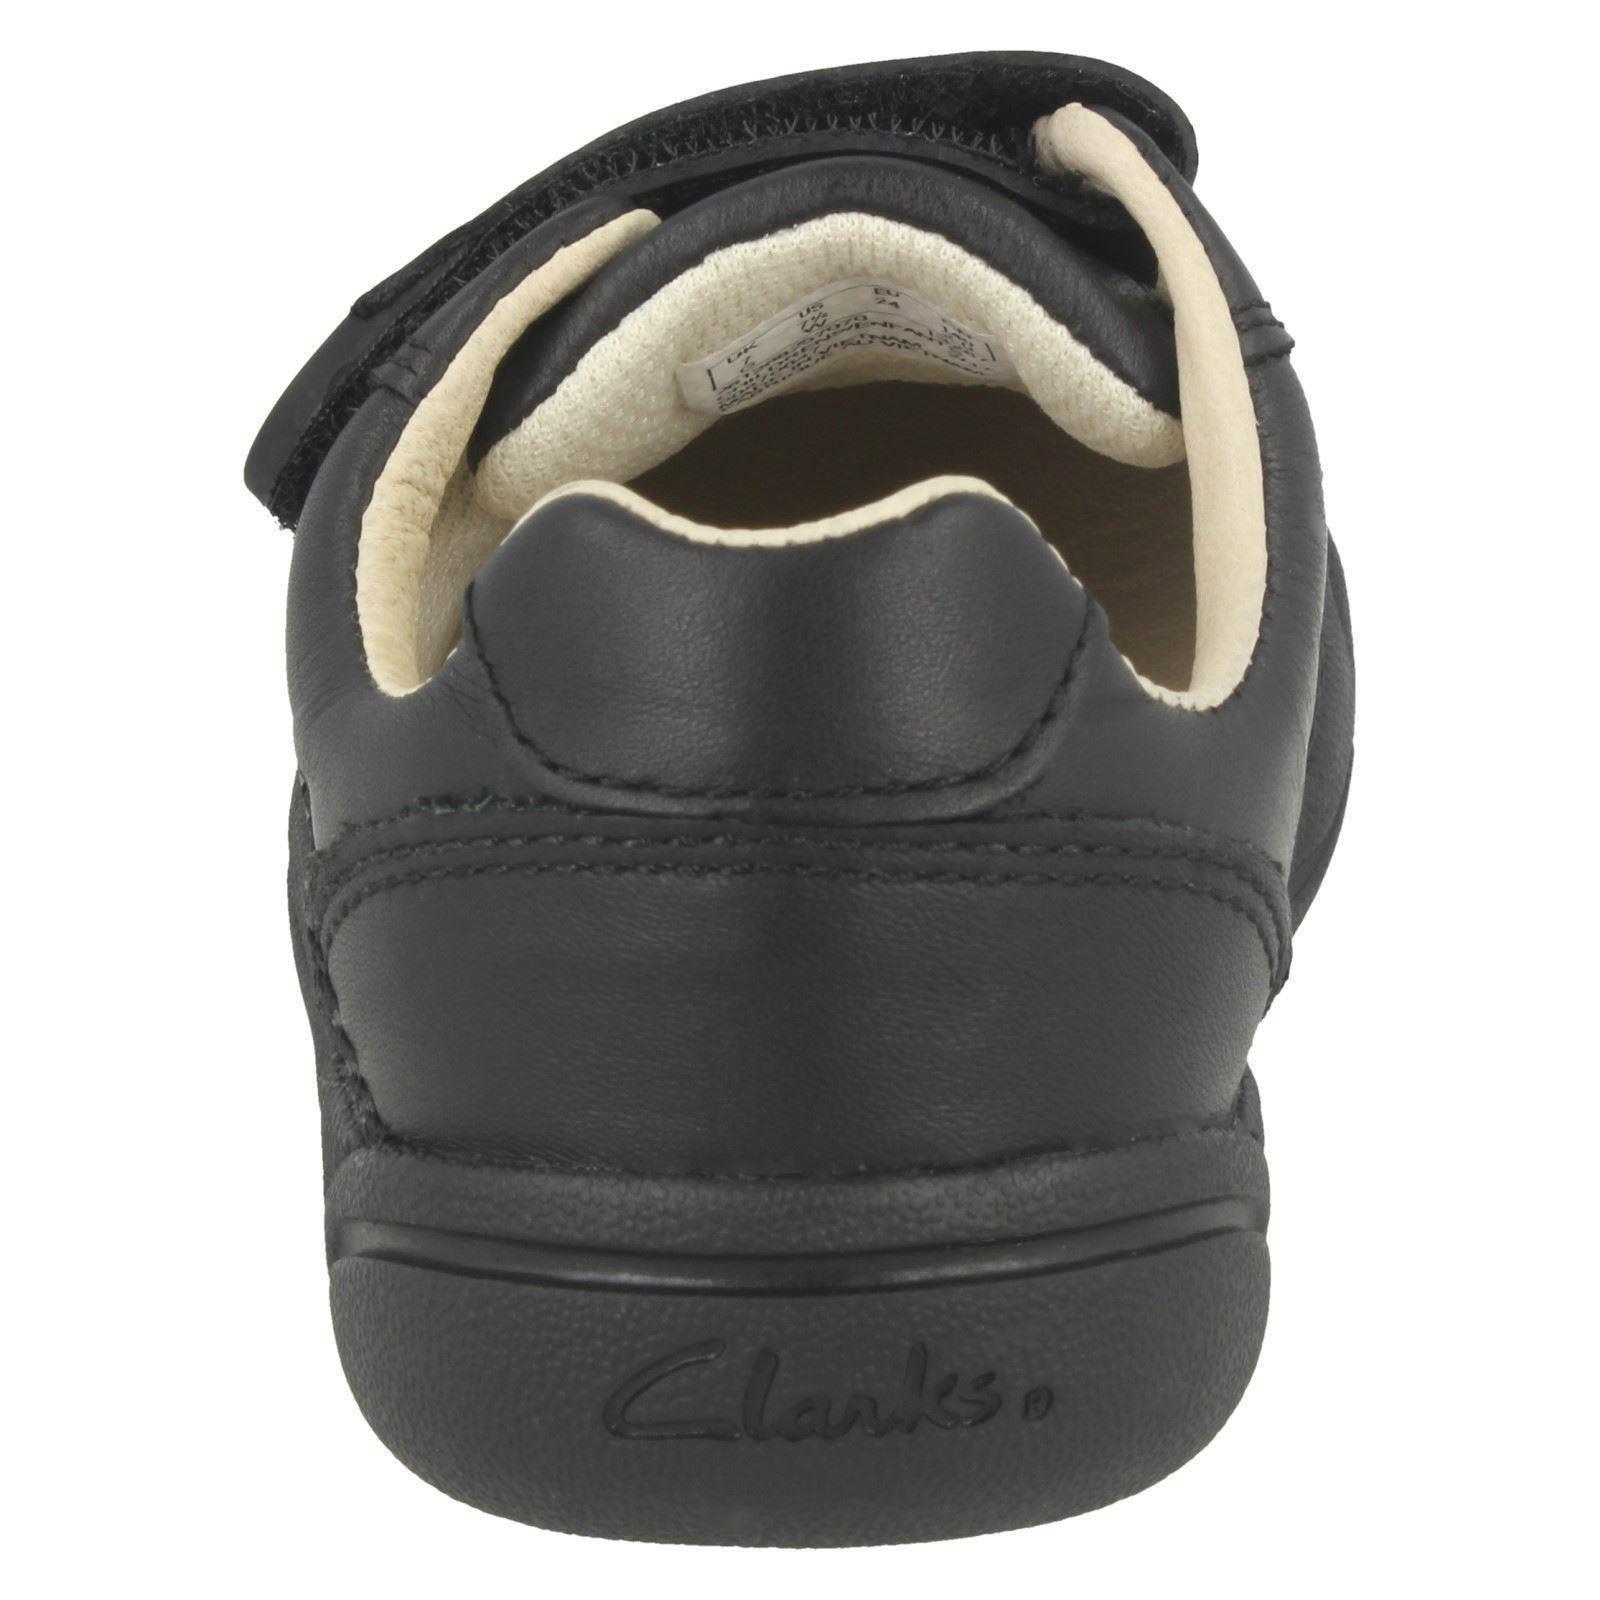 De Doble Niños Colegio Correa Zoológico' 'lil Clarks Folk Zapatos rnvwxIUvq6